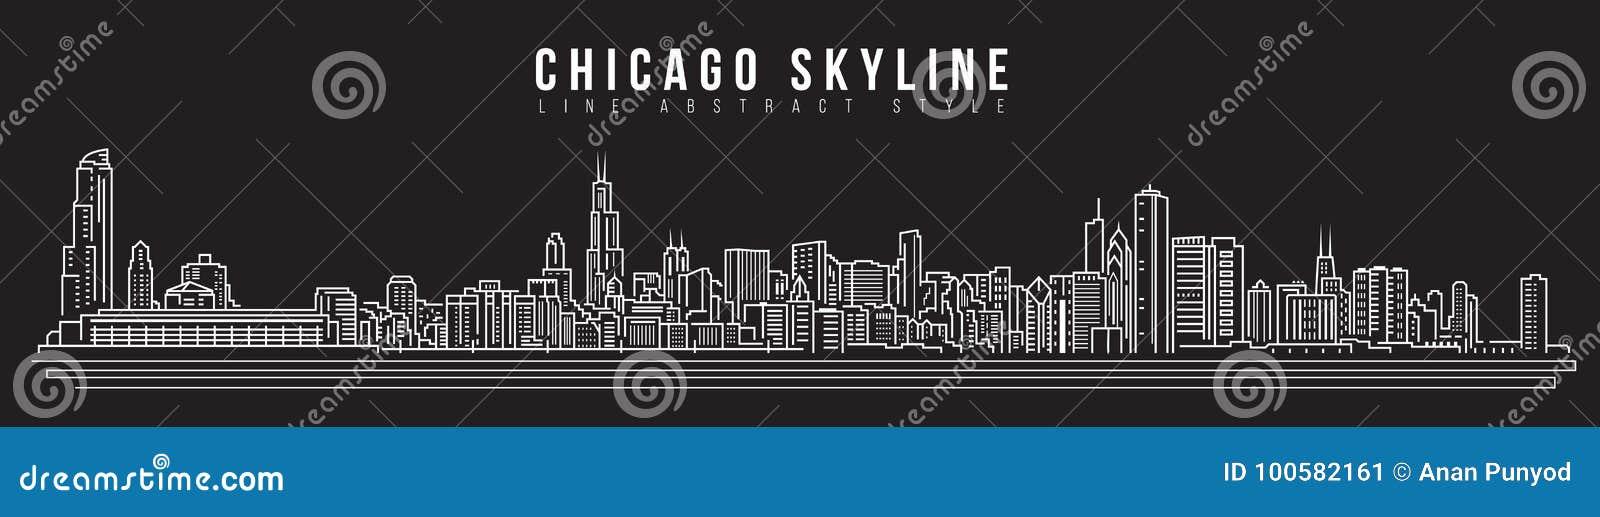 都市风景建筑限界艺术传染媒介例证设计-芝加哥地平线